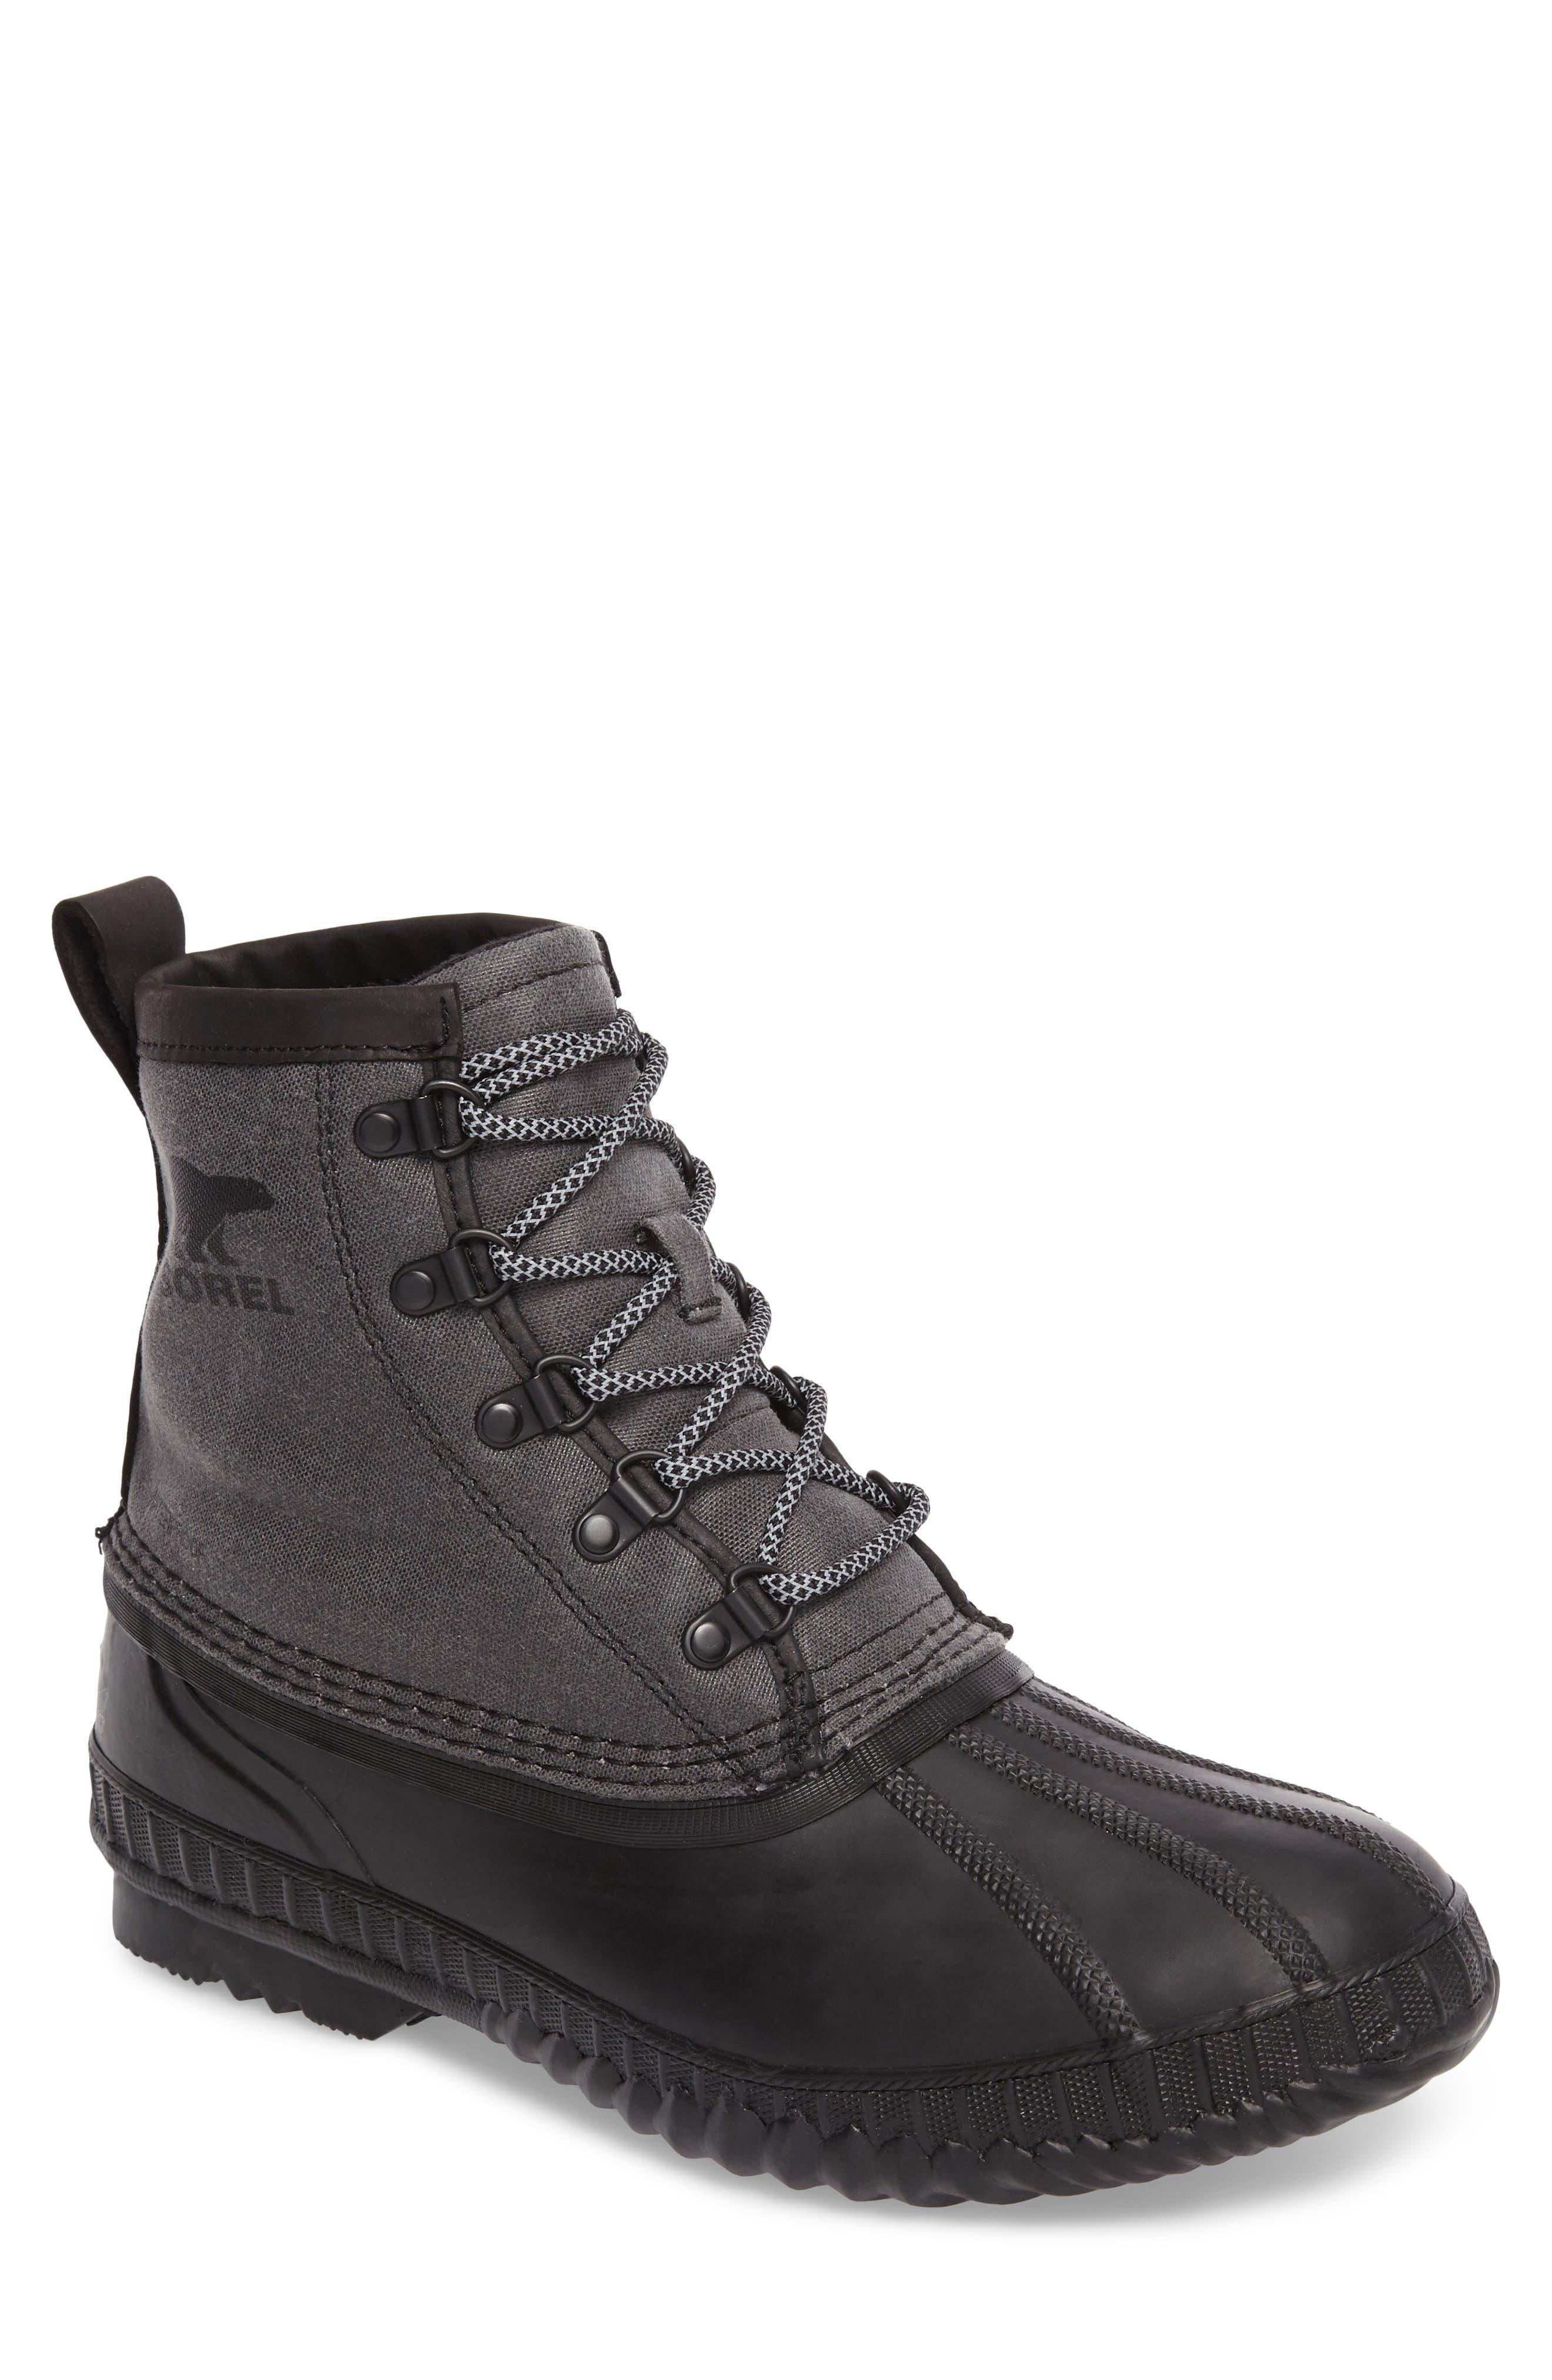 Sorel Cheyanne Ii Short Waterproof Boot, Black